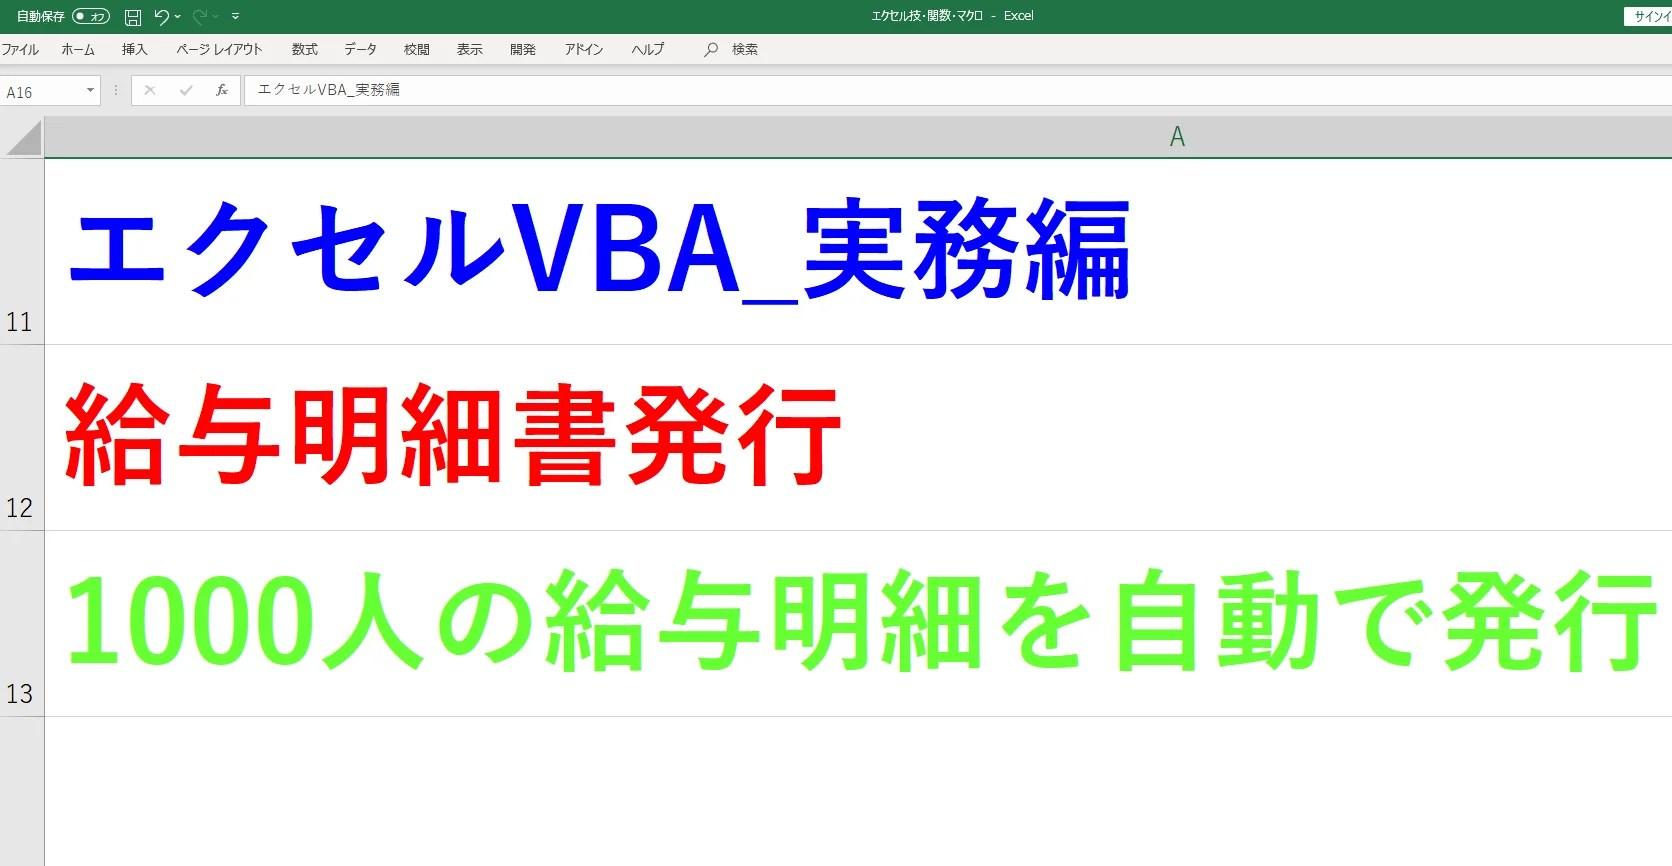 0 Vba